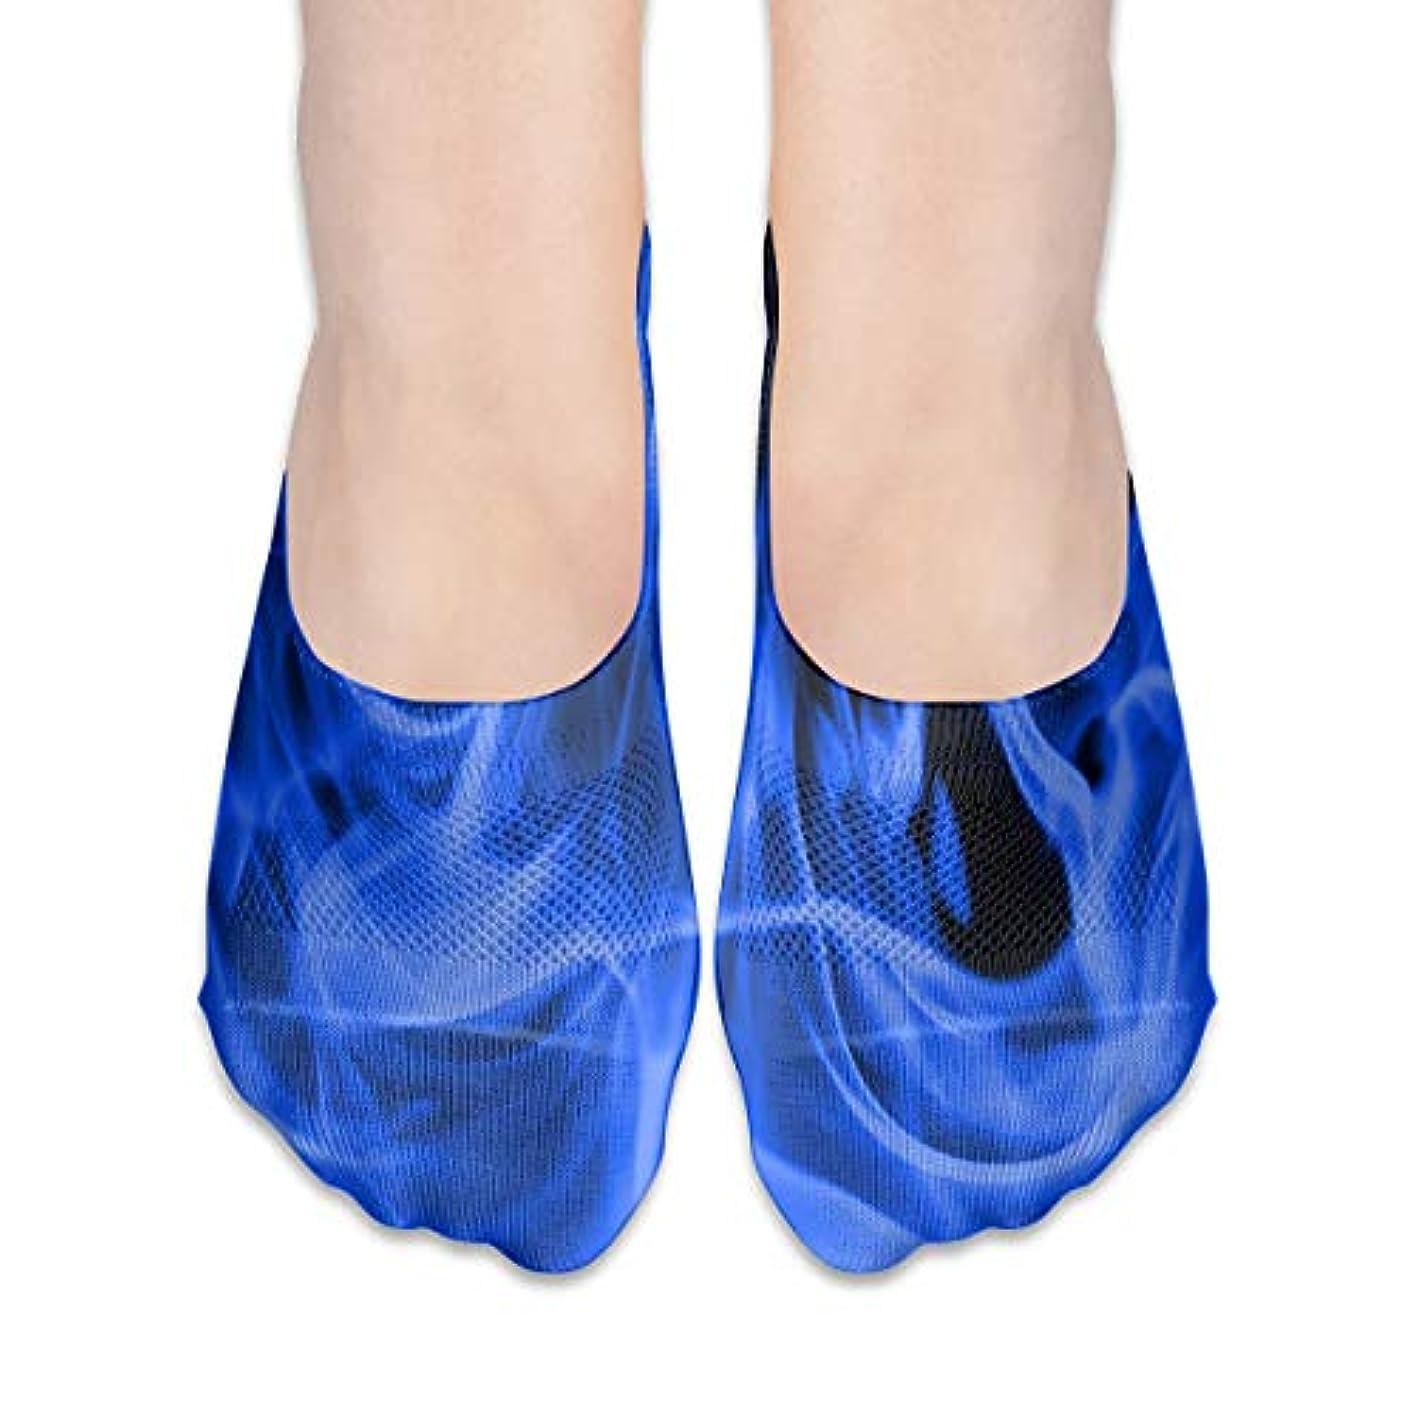 器具初心者現象青い炎はショーソックスの女性のボートの靴のローファーのソックス、滑り止めのグリップを示しません